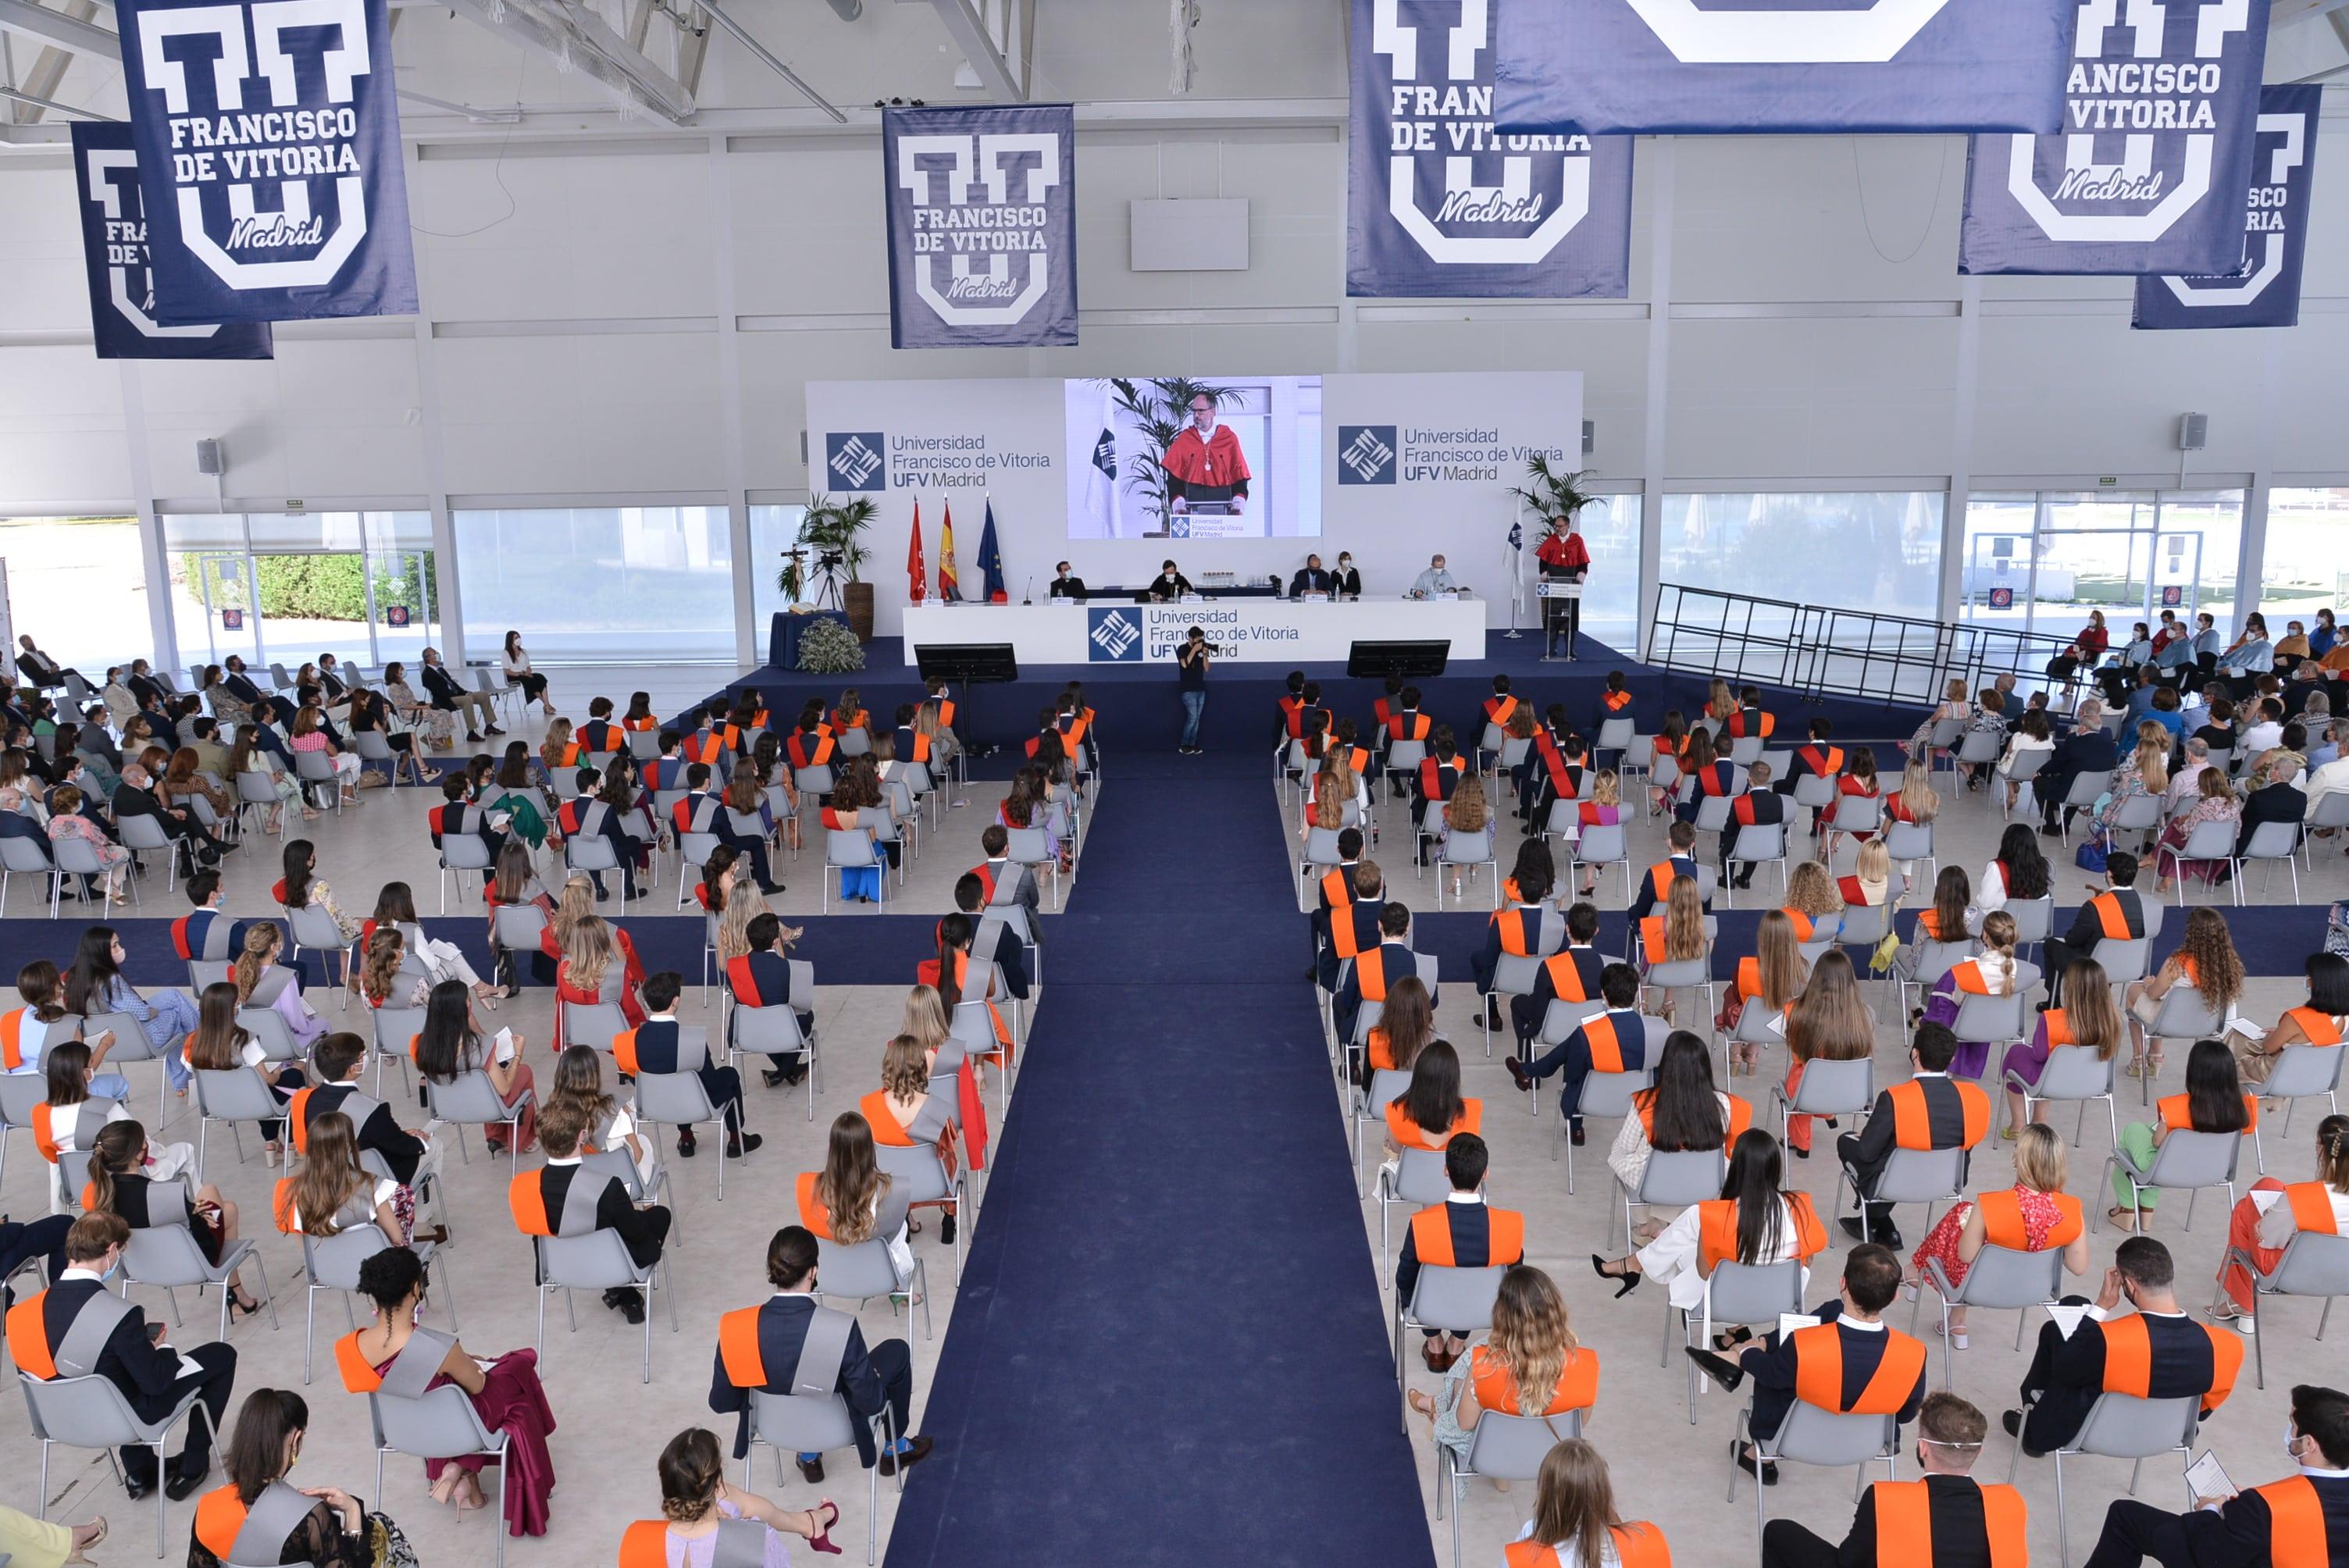 210704UFV1 1165 min Actos académicos Estudiar en Universidad Privada Madrid